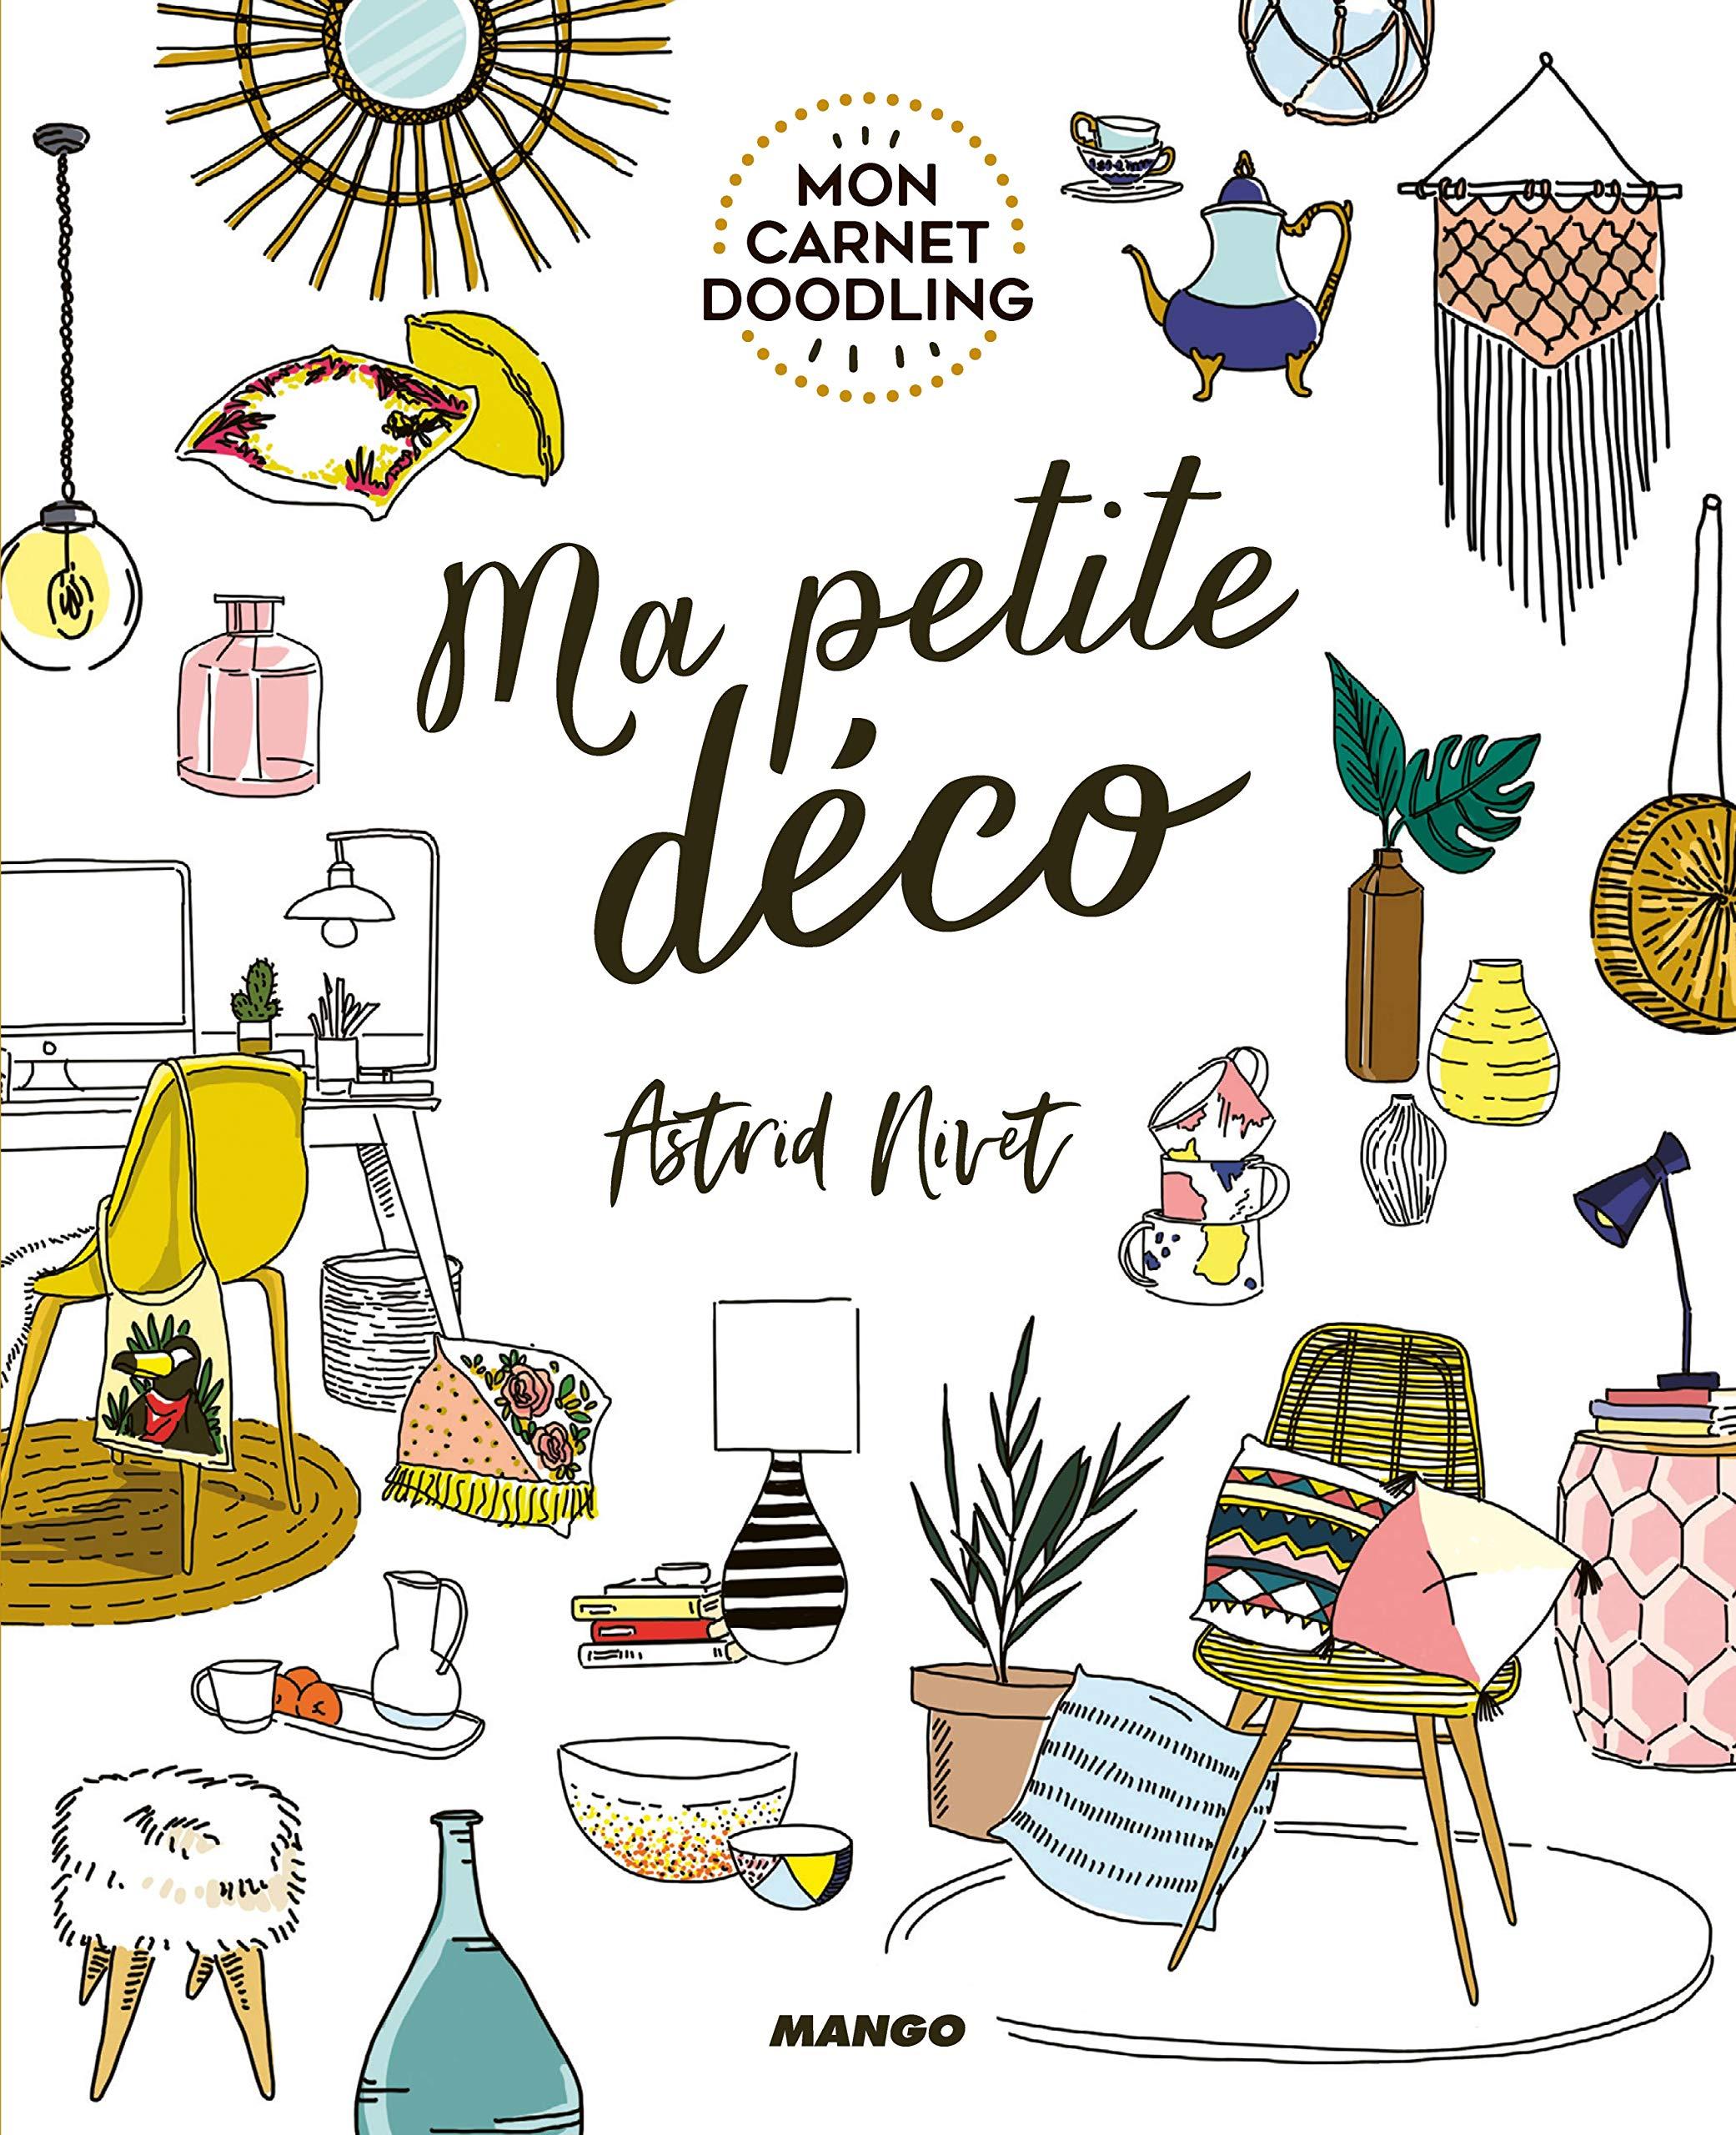 Ma Petite Déco Mon Carnet De Doodling Amazon Co Uk De Lassée Nivet Astrid 9782317021411 Books